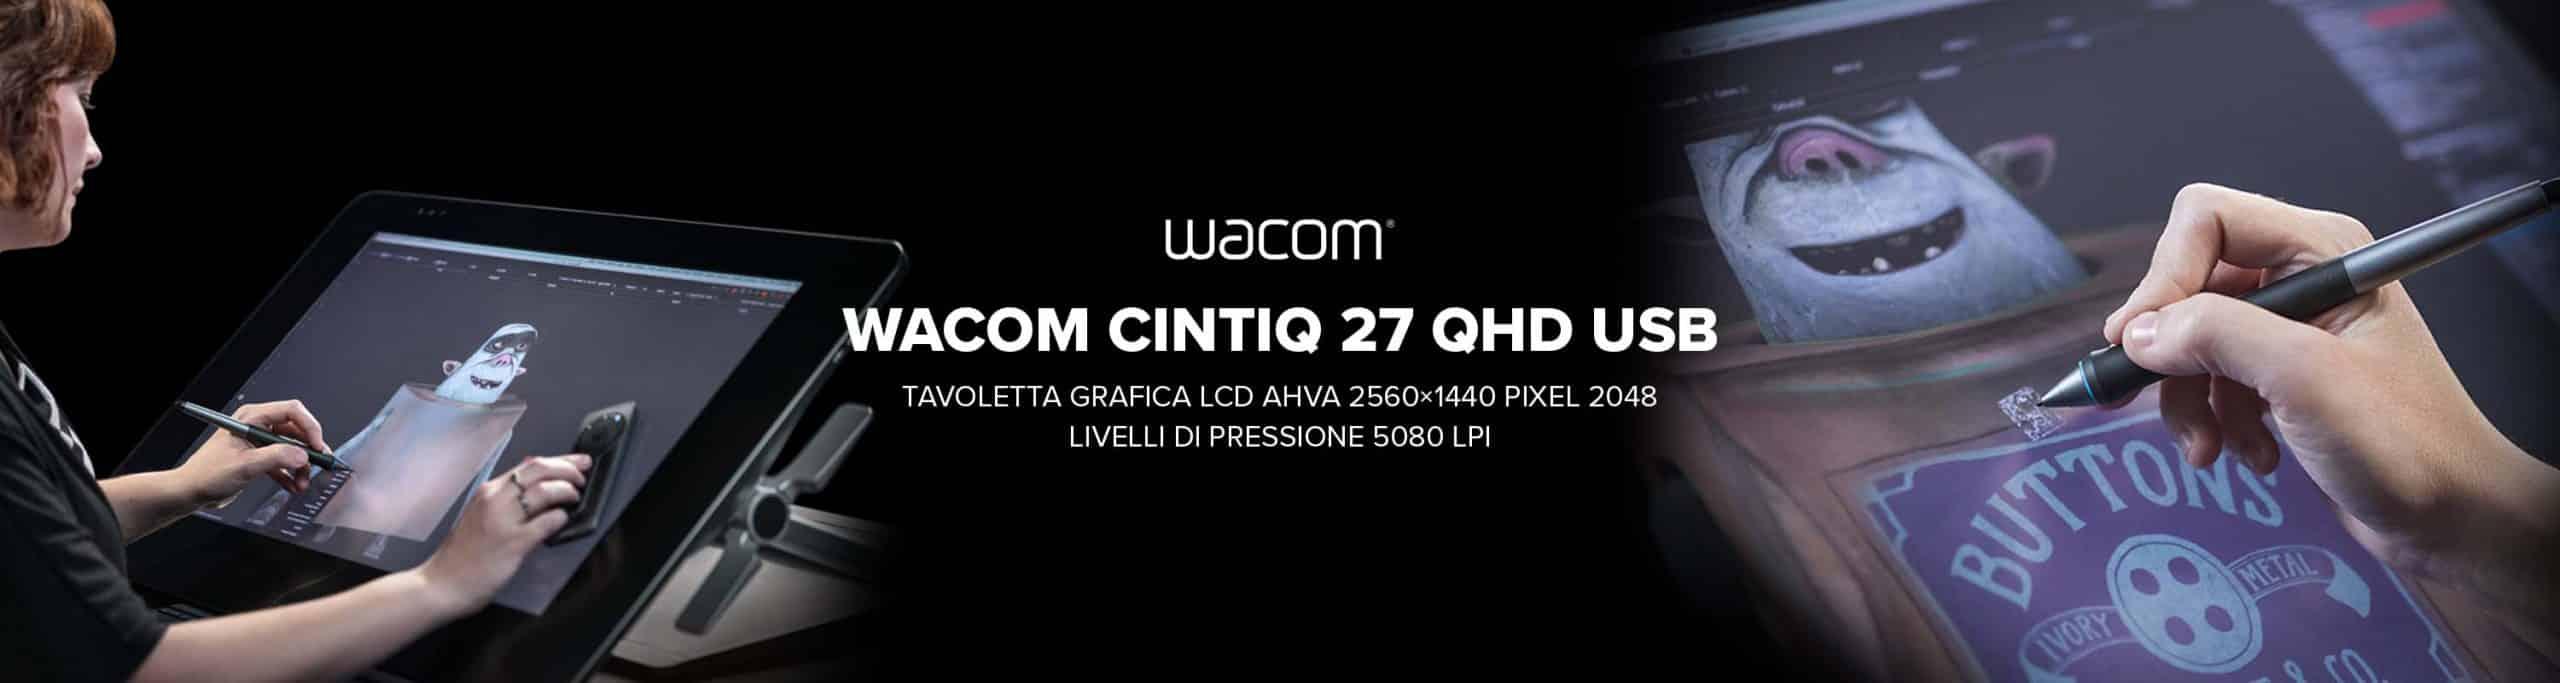 Wacom Cintiq 27